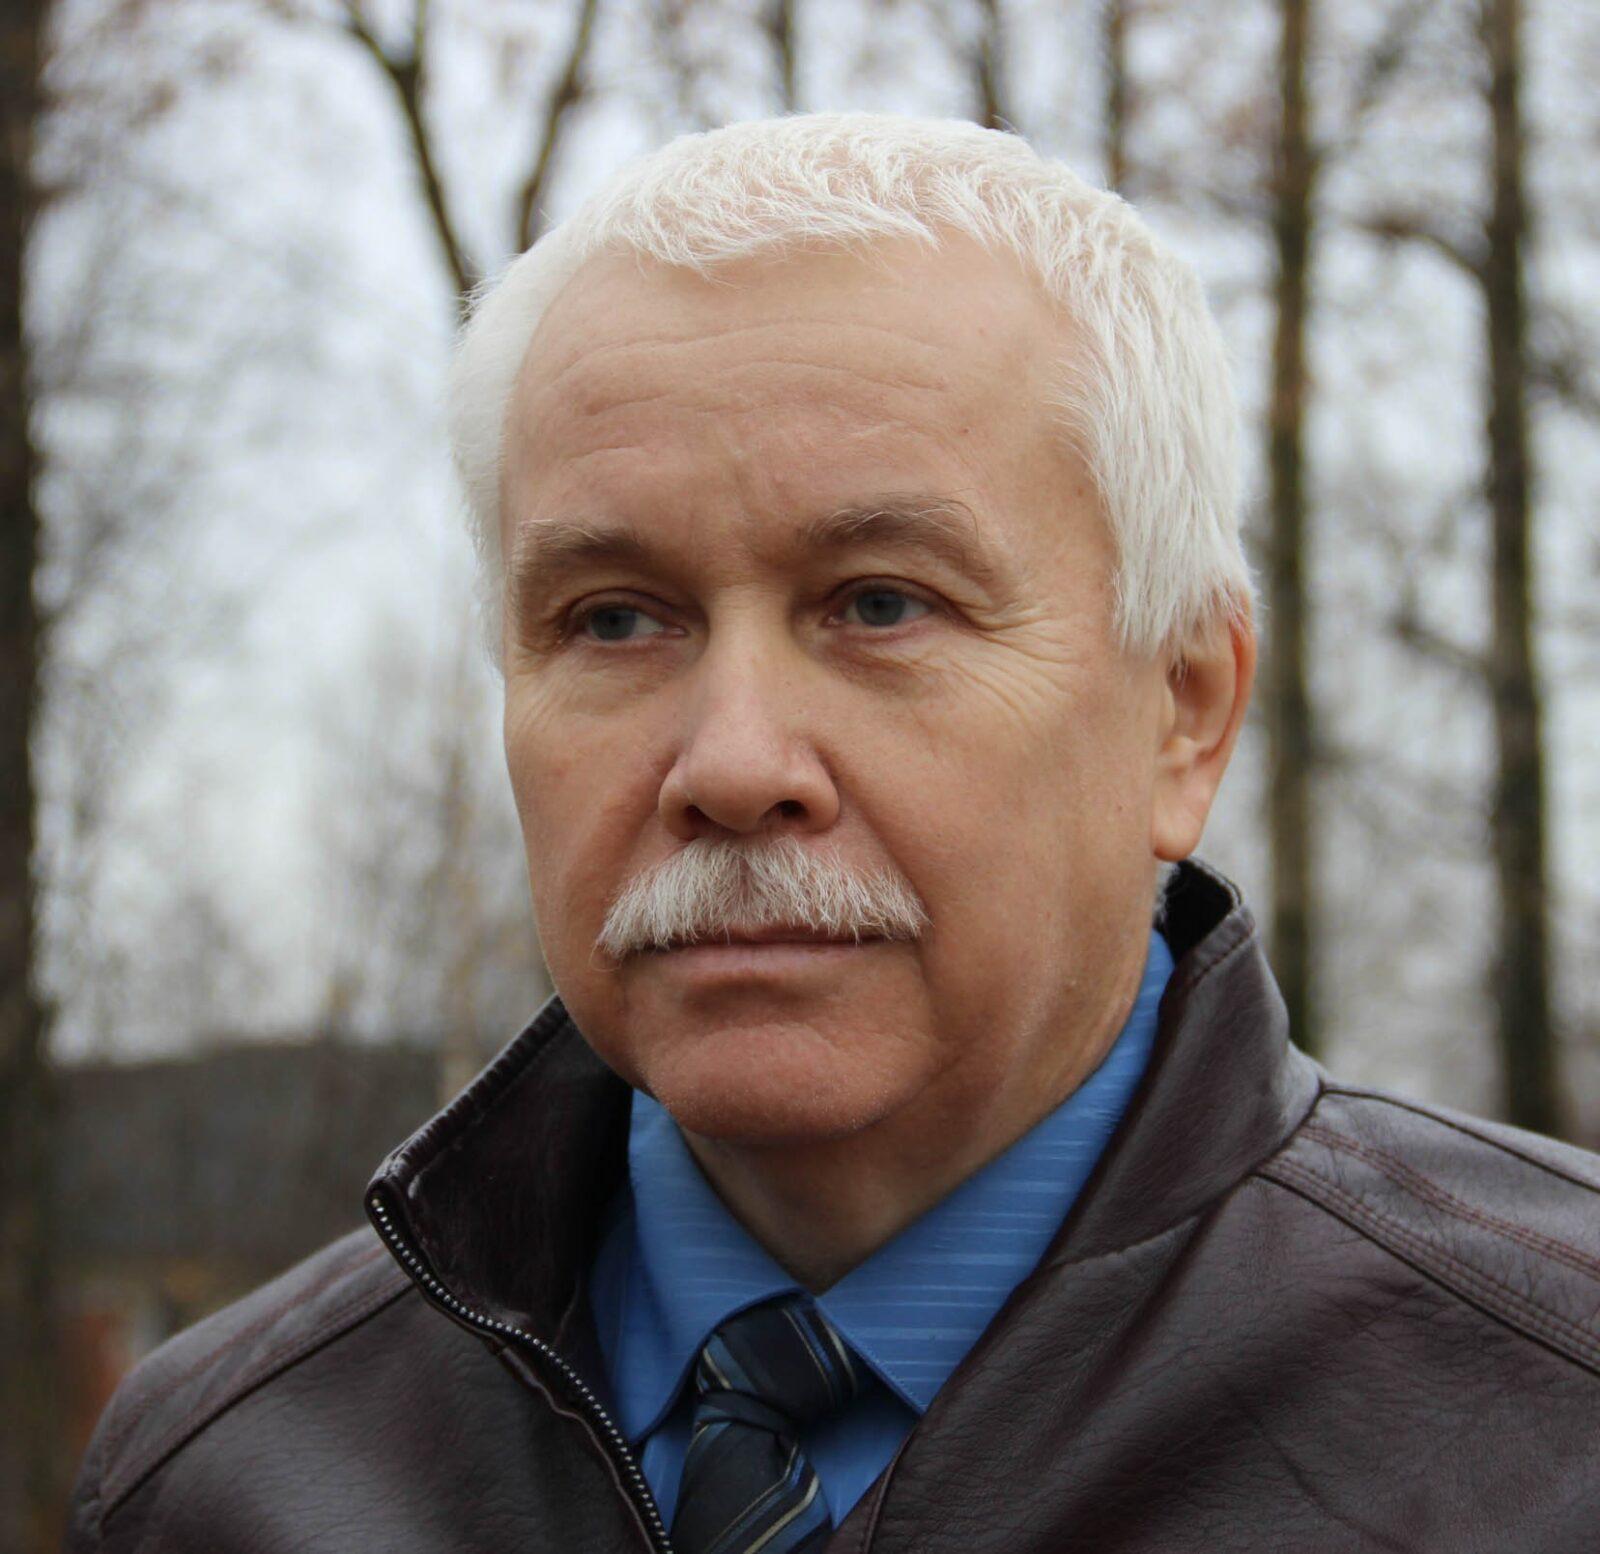 Юрий Ануфриев: Дорожная техника должна пойти в частный сектор